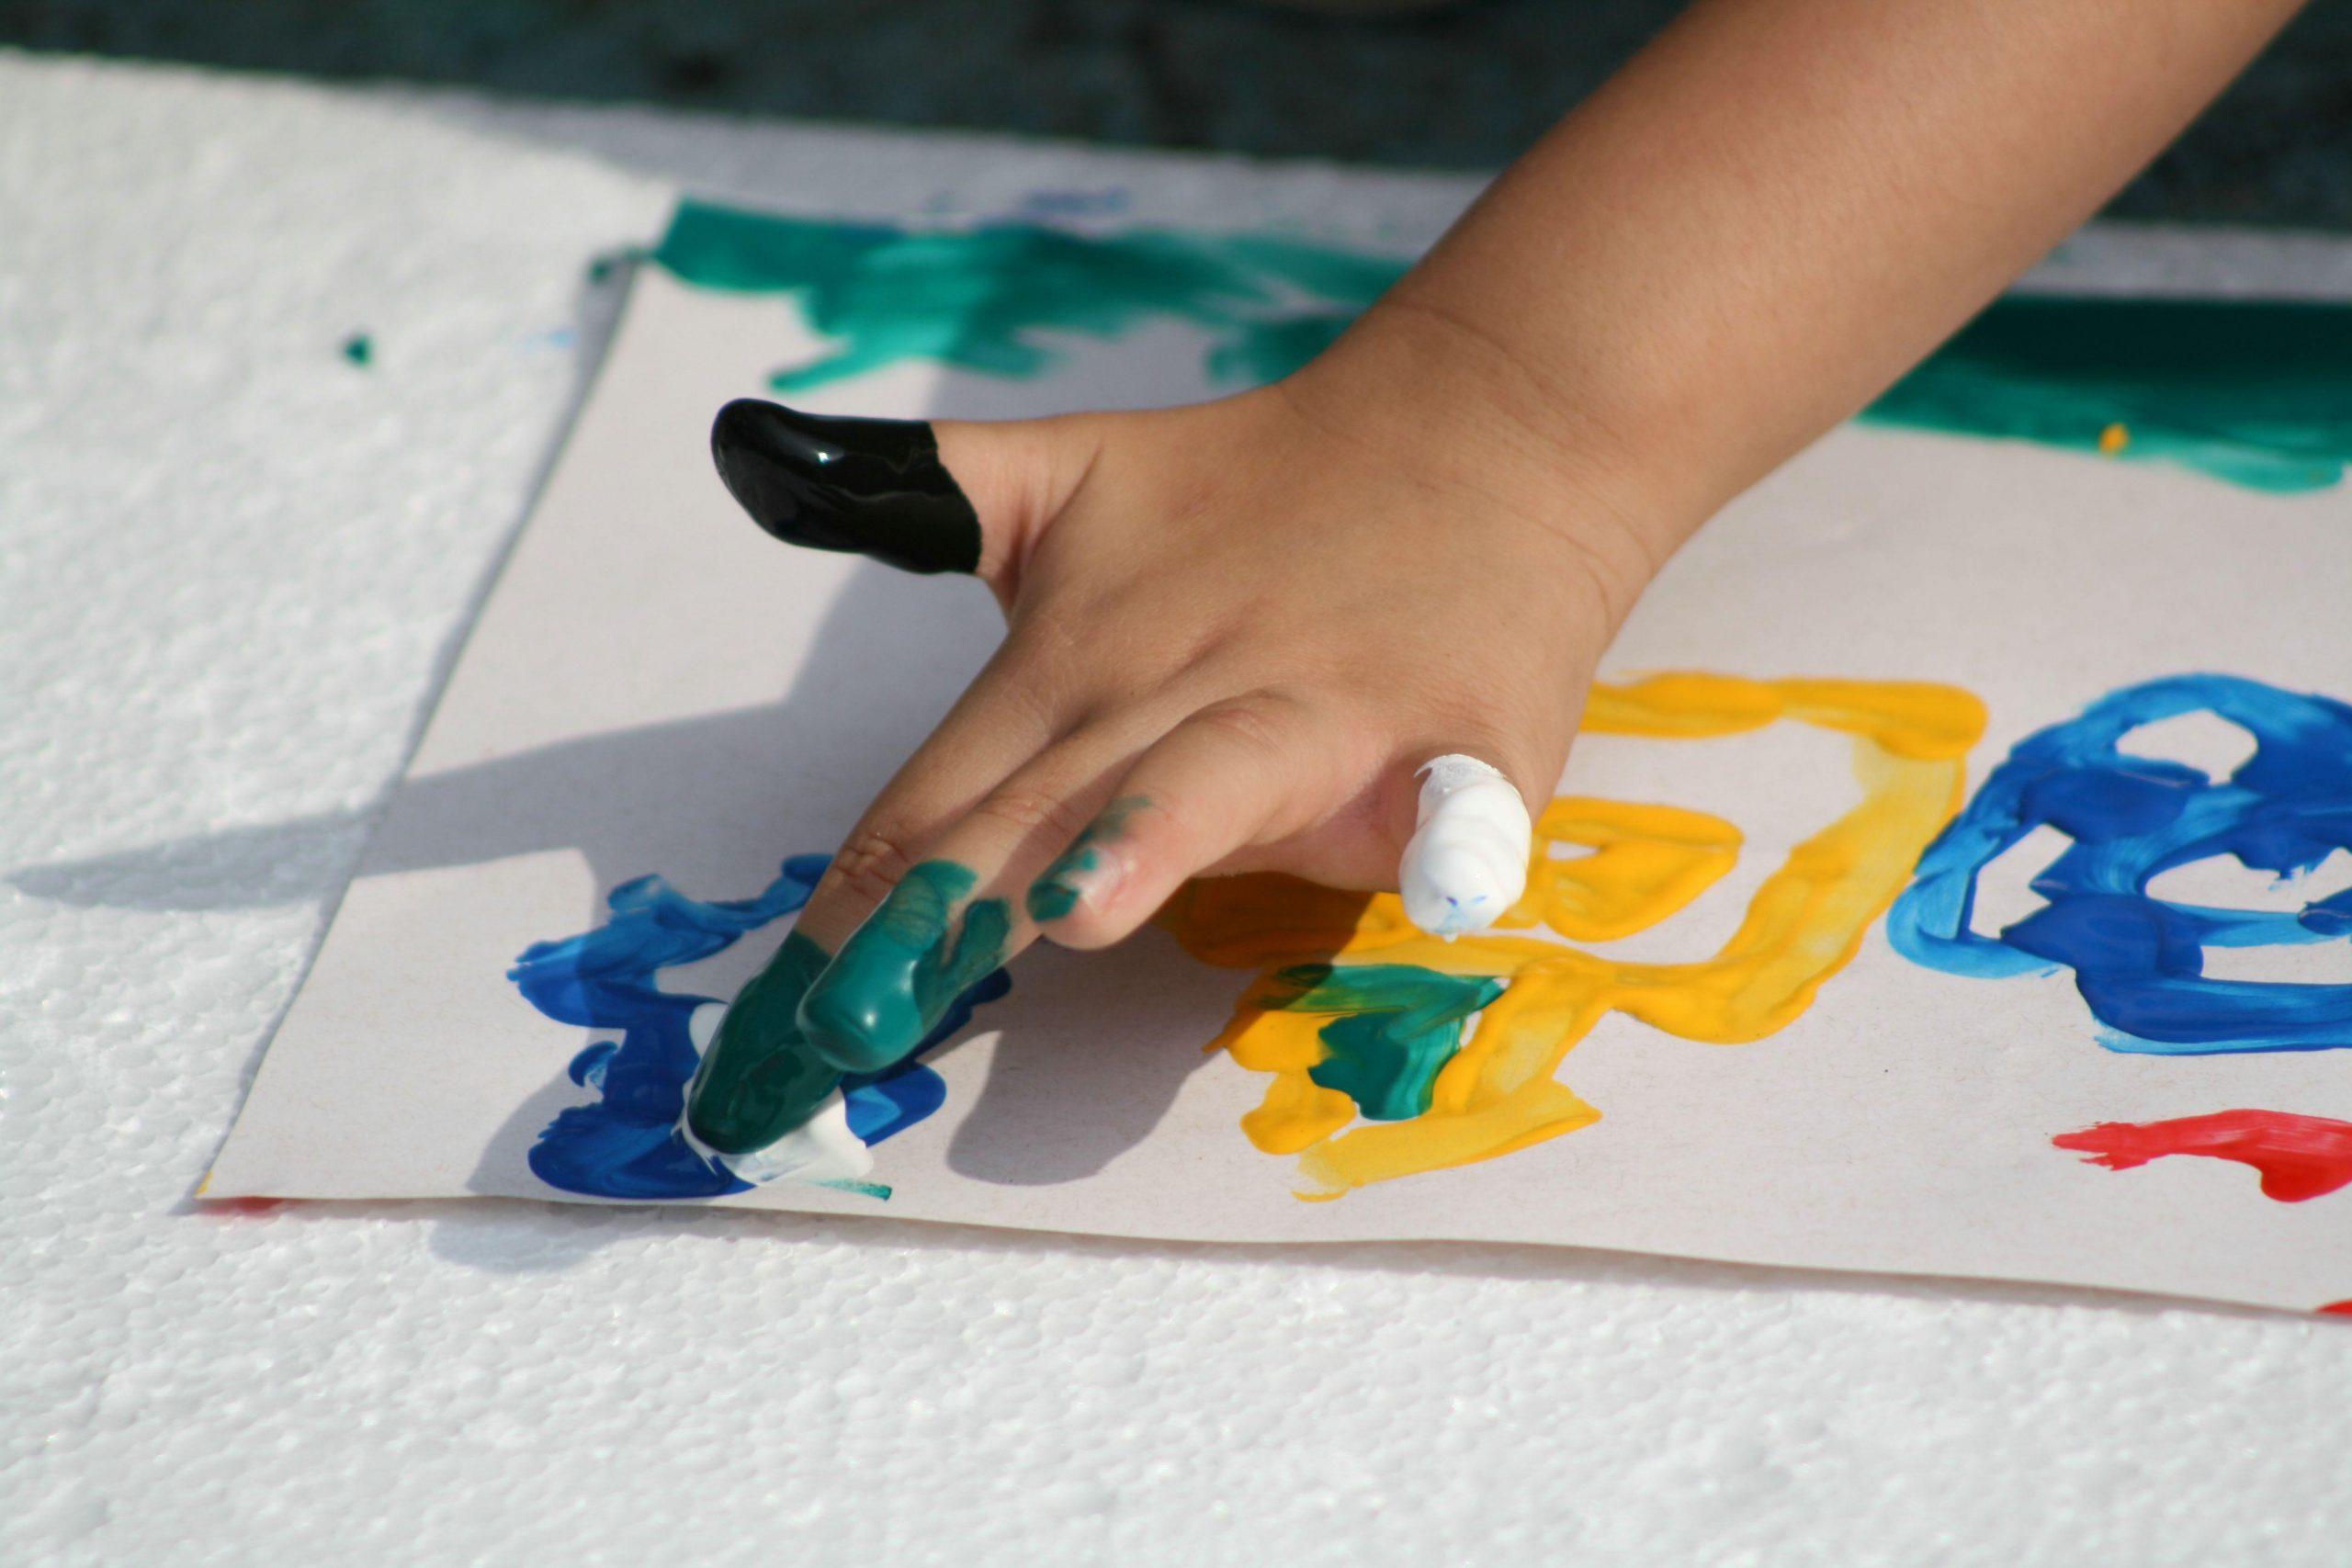 Le Top 10 Des Activités Manuelles Pour Les Enfants à Activités Manuelles Enfant 3 Ans